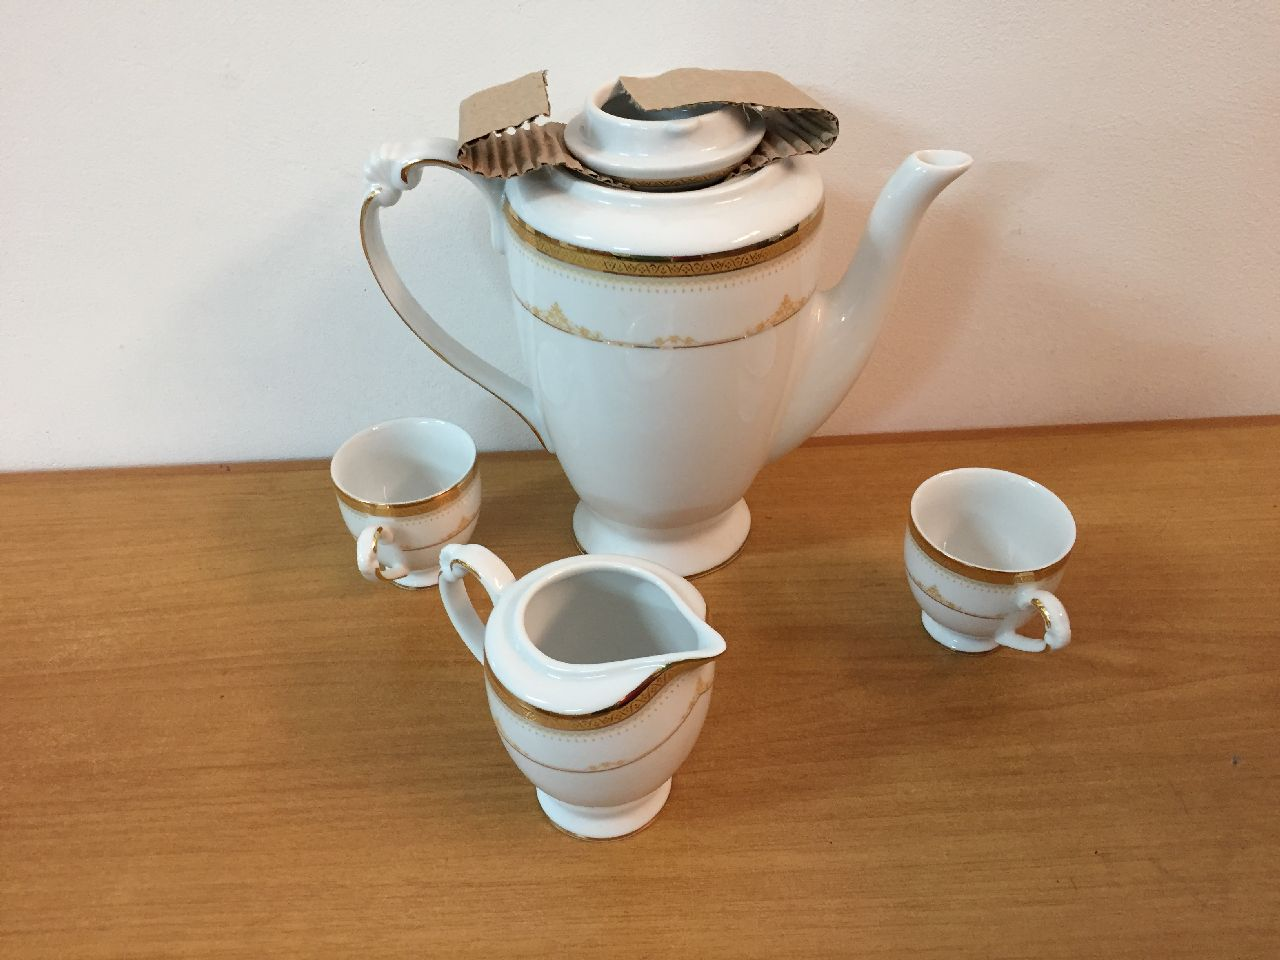 Servizio caff lotto 159 - Aste arredamento casa ...